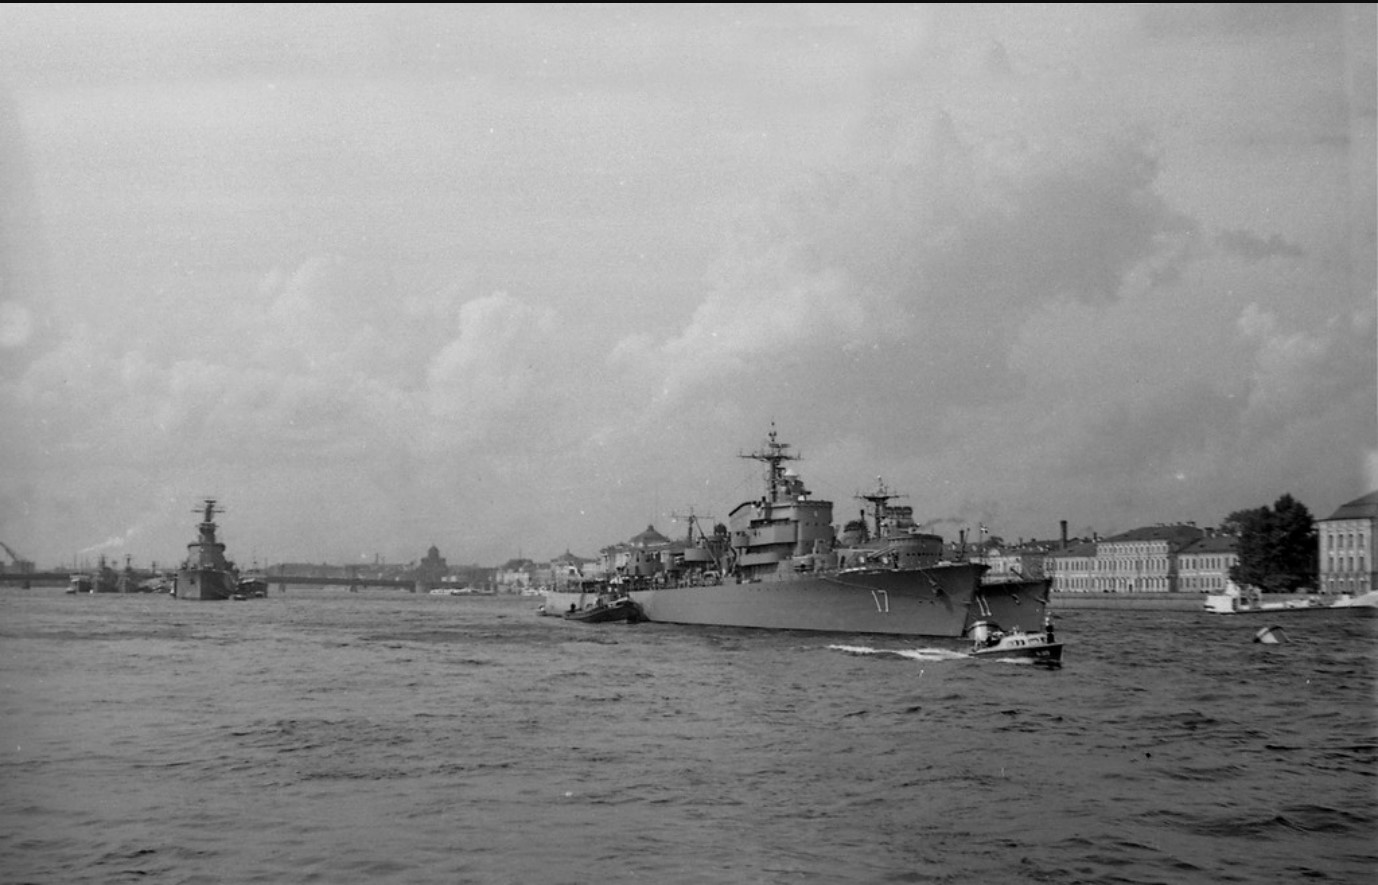 01.На переднем плане пара эсминцев «Uppland» и «Visby»